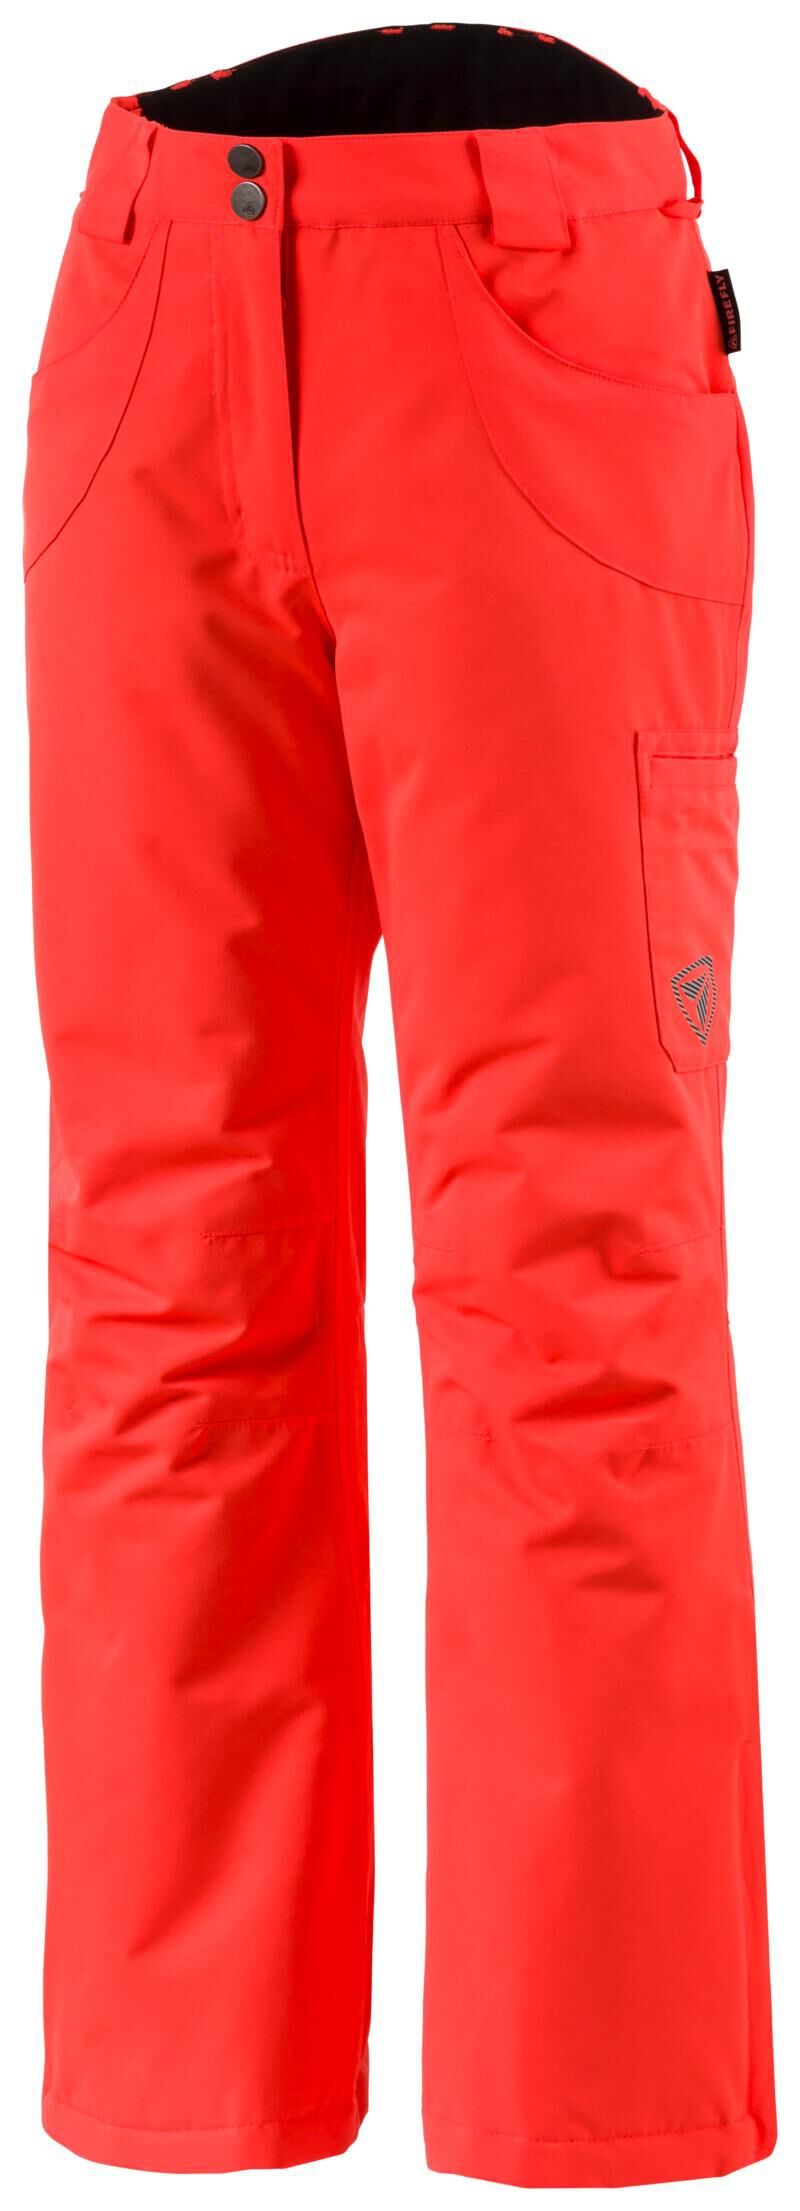 FIREFLY Talisha jr ski jack Meisjes Blauw » Intersport.nl